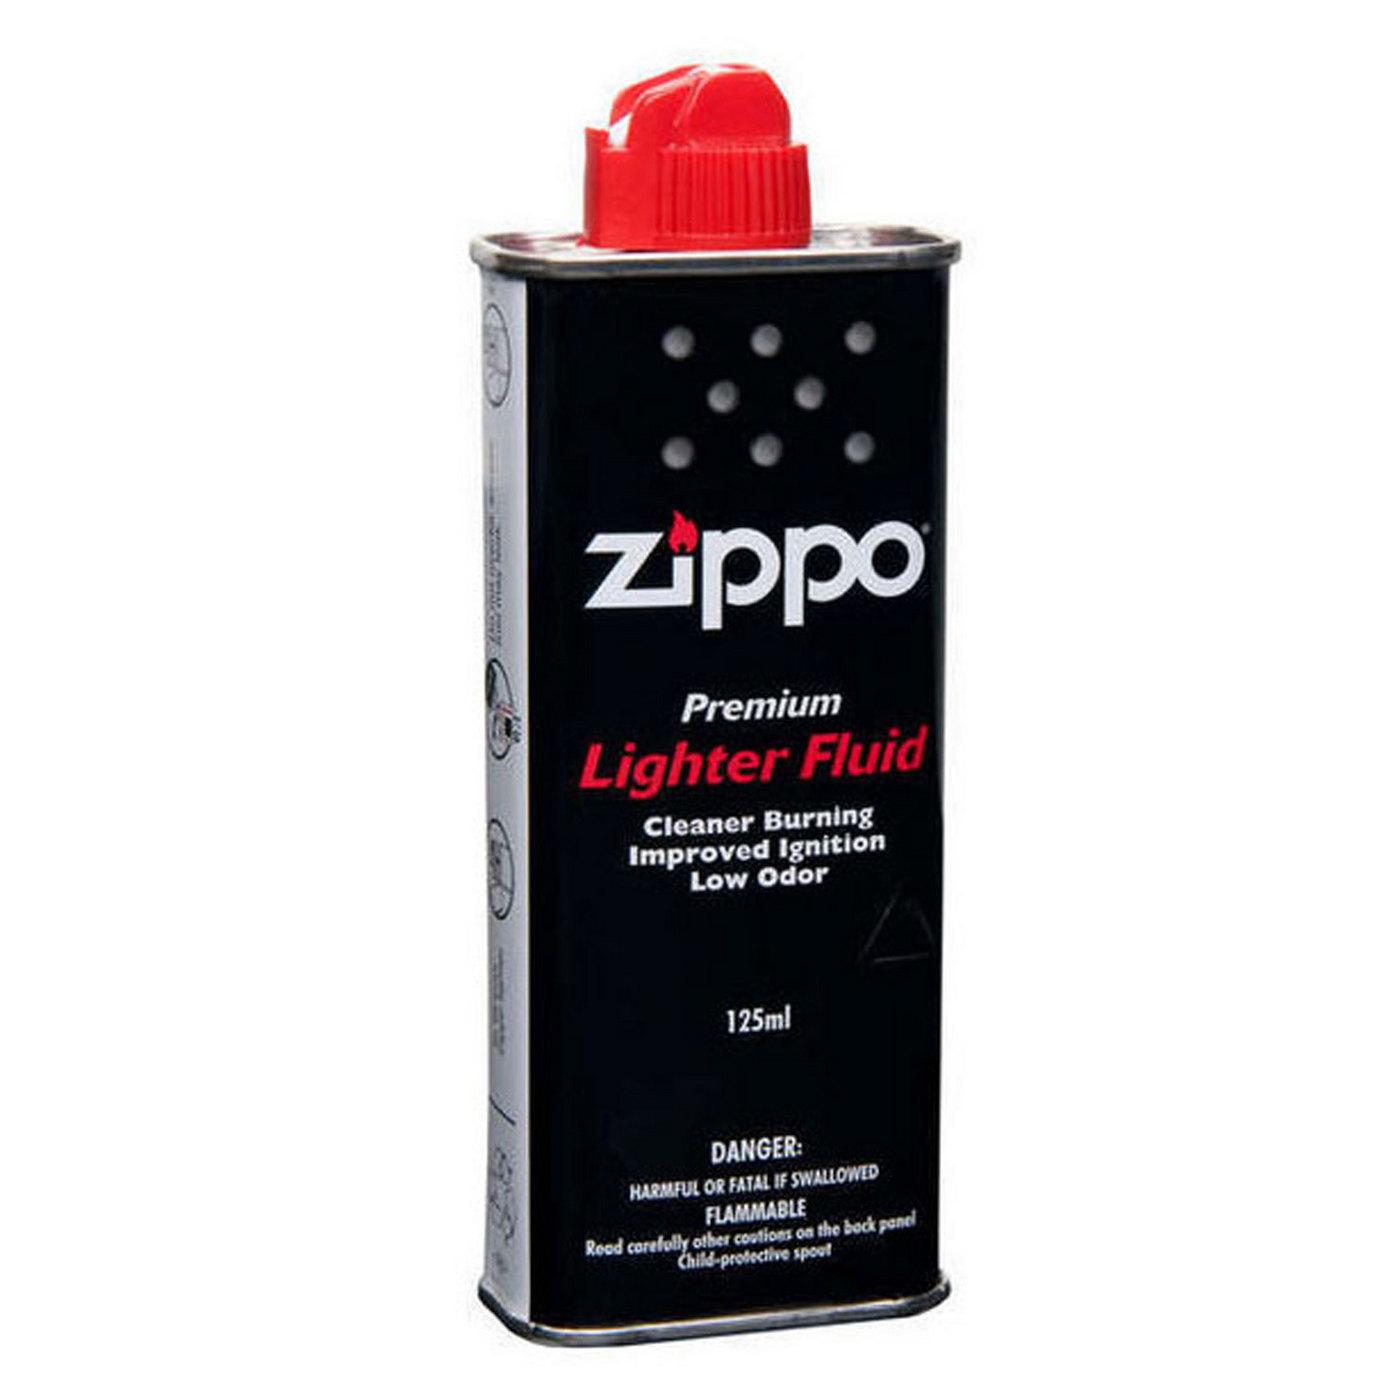 Топливо для зажигалки Zippo (Бензин Zippo) 125 мл